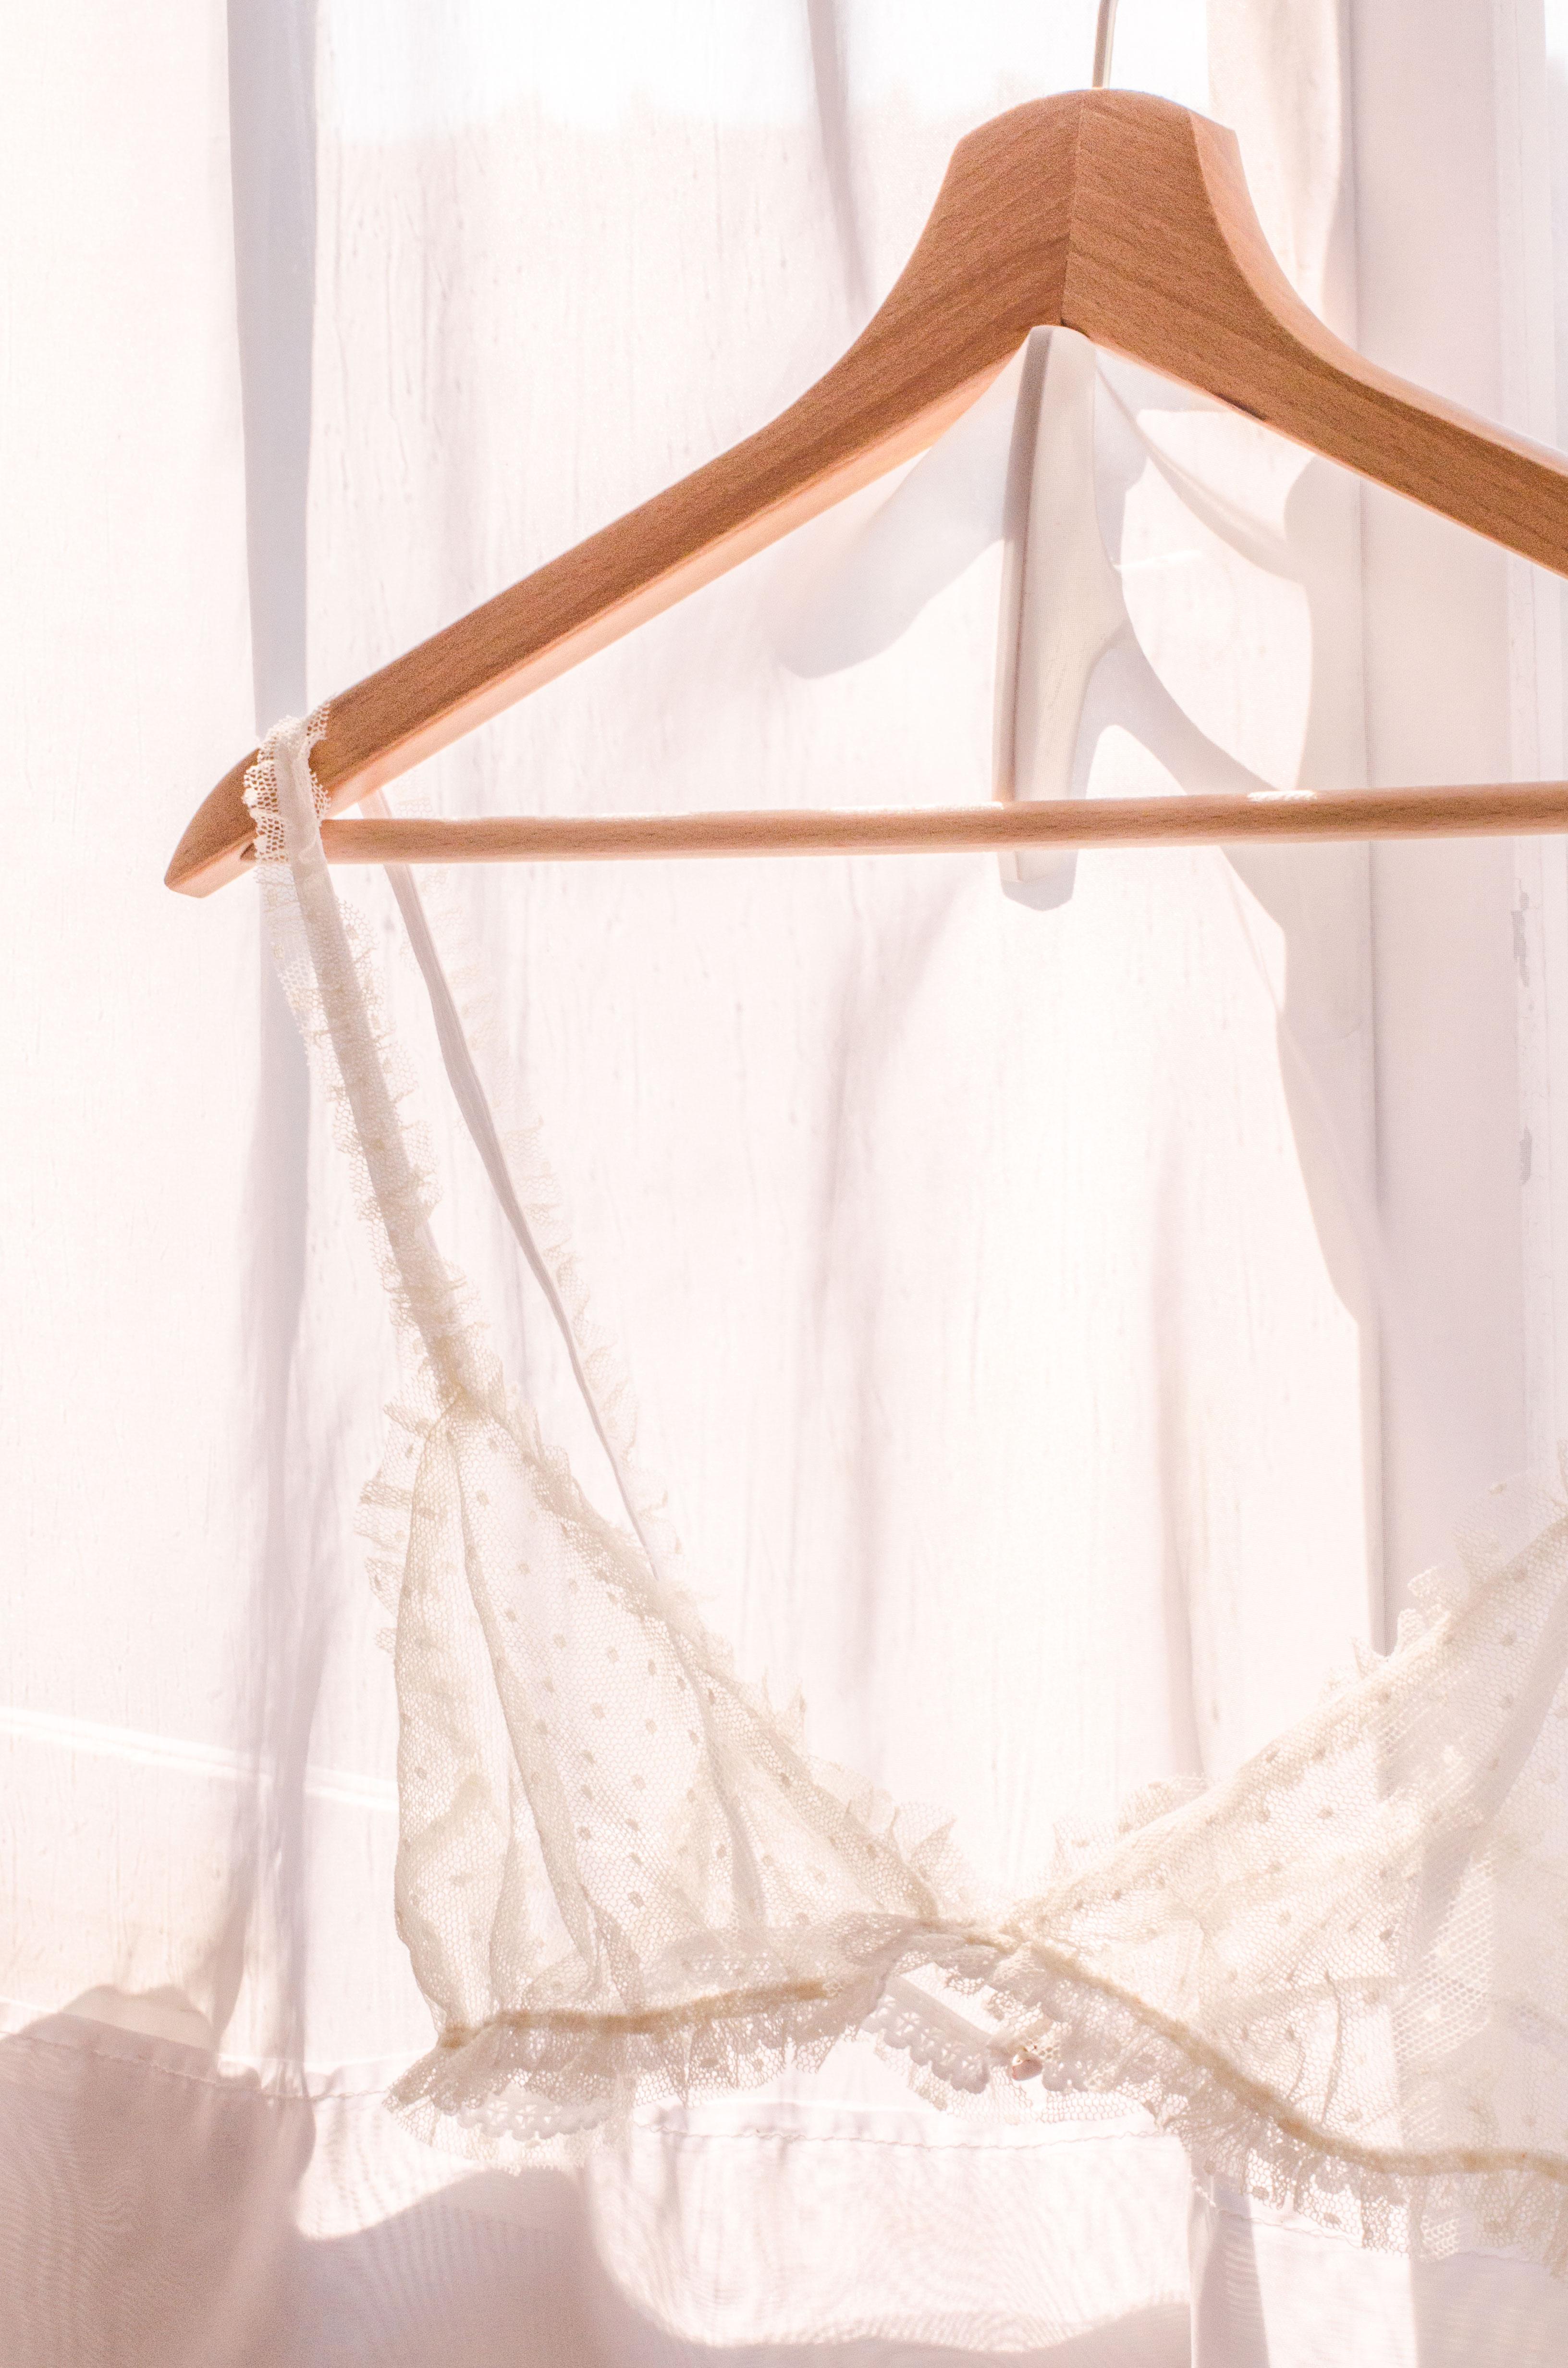 5 astuces pour coudre les tissus fins et délicats